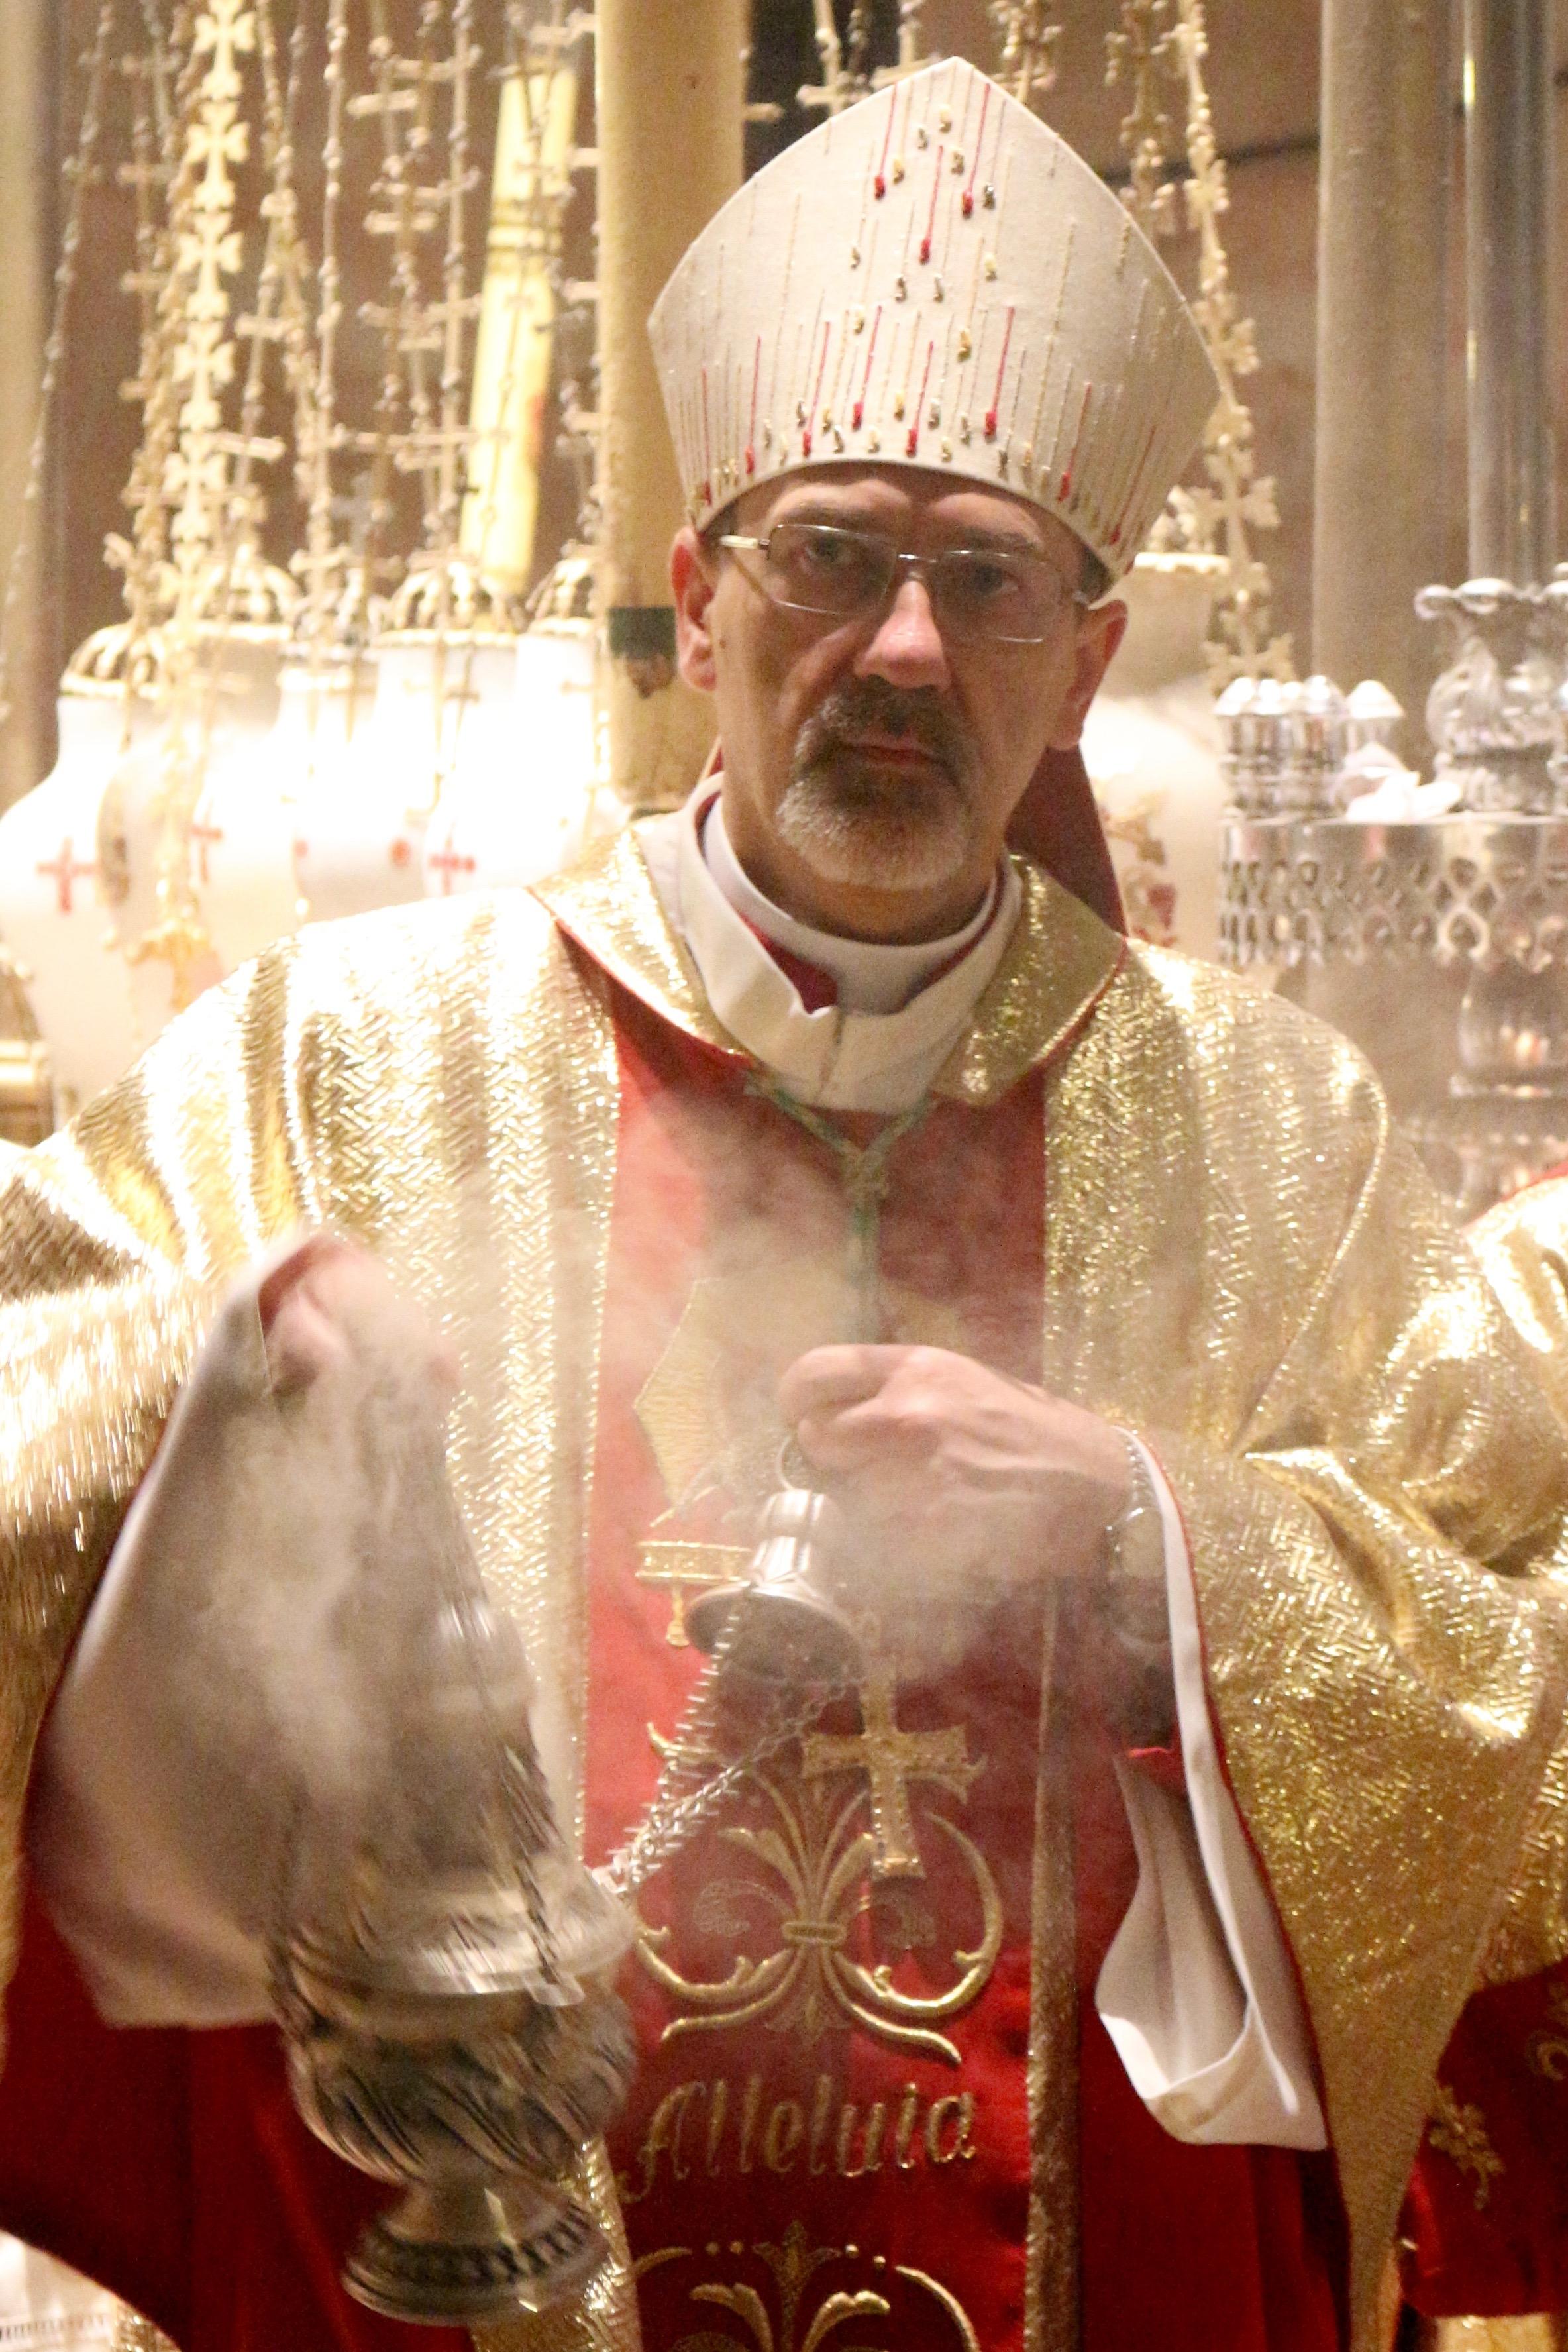 Bethlehem: Erzbischof kritisiert bei Mette Trump – religion.ORF.at